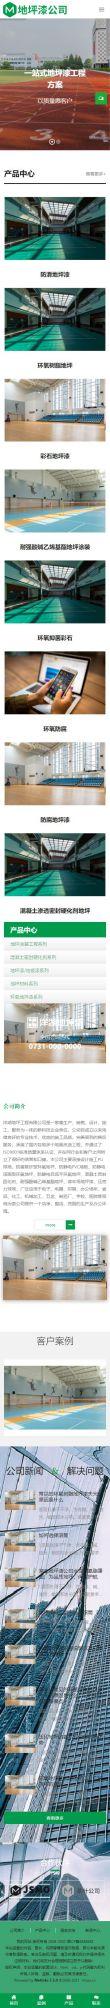 地坪漆公司网站模板,地坪漆公司网页模板,地坪漆公司响应式网站模板